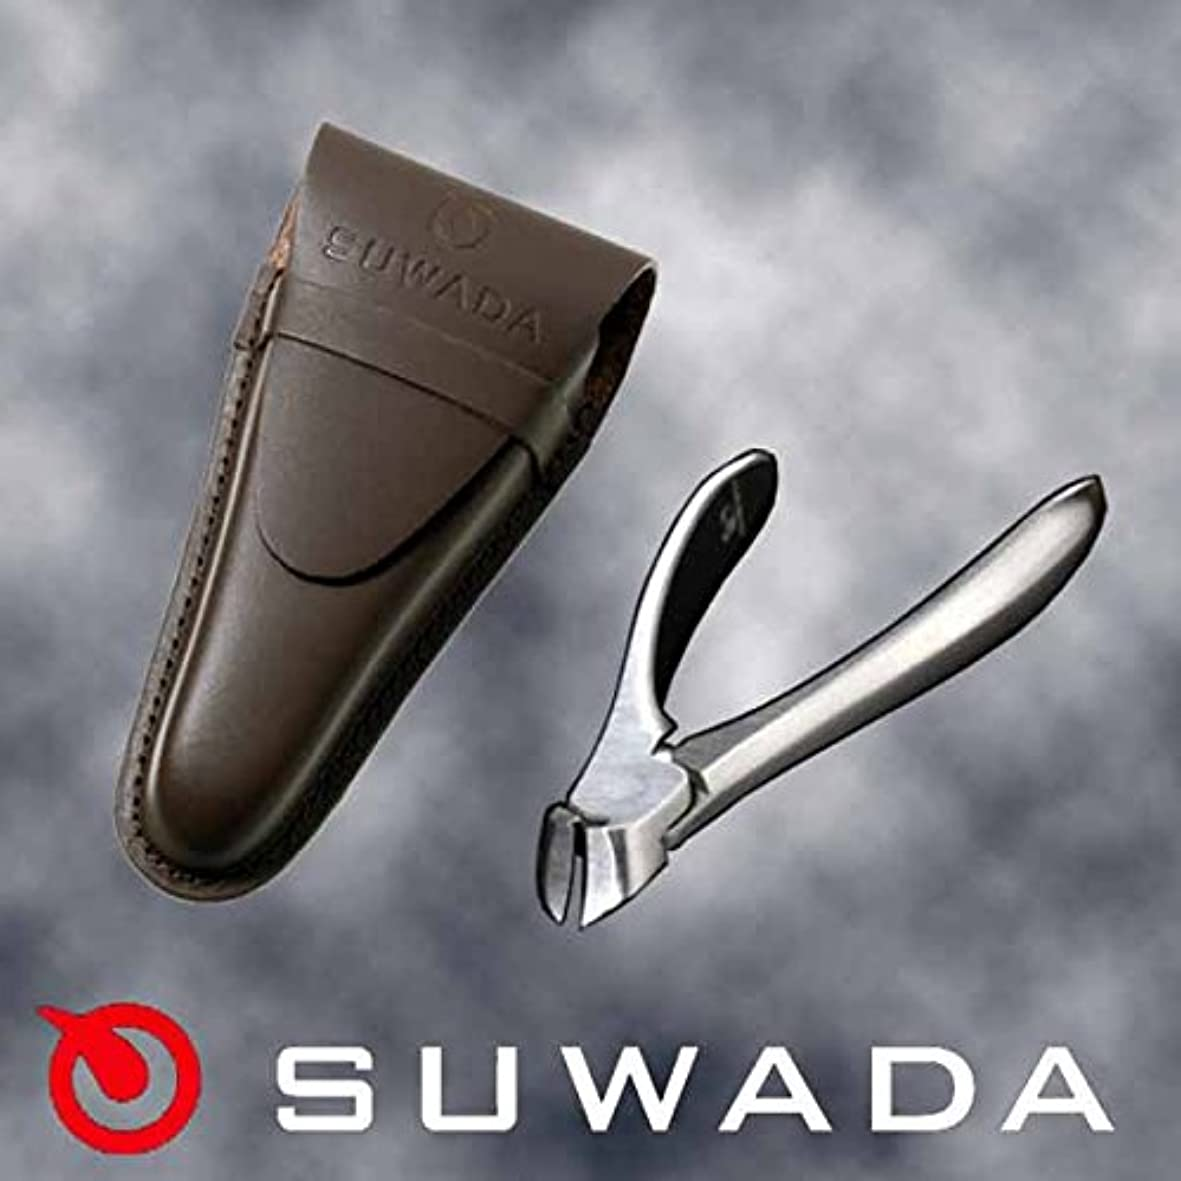 グリット可動式モンクSUWADA爪切りクラシックS&ブラウン(茶)革ケースセット 特注モデル 諏訪田製作所製 スワダの爪切り